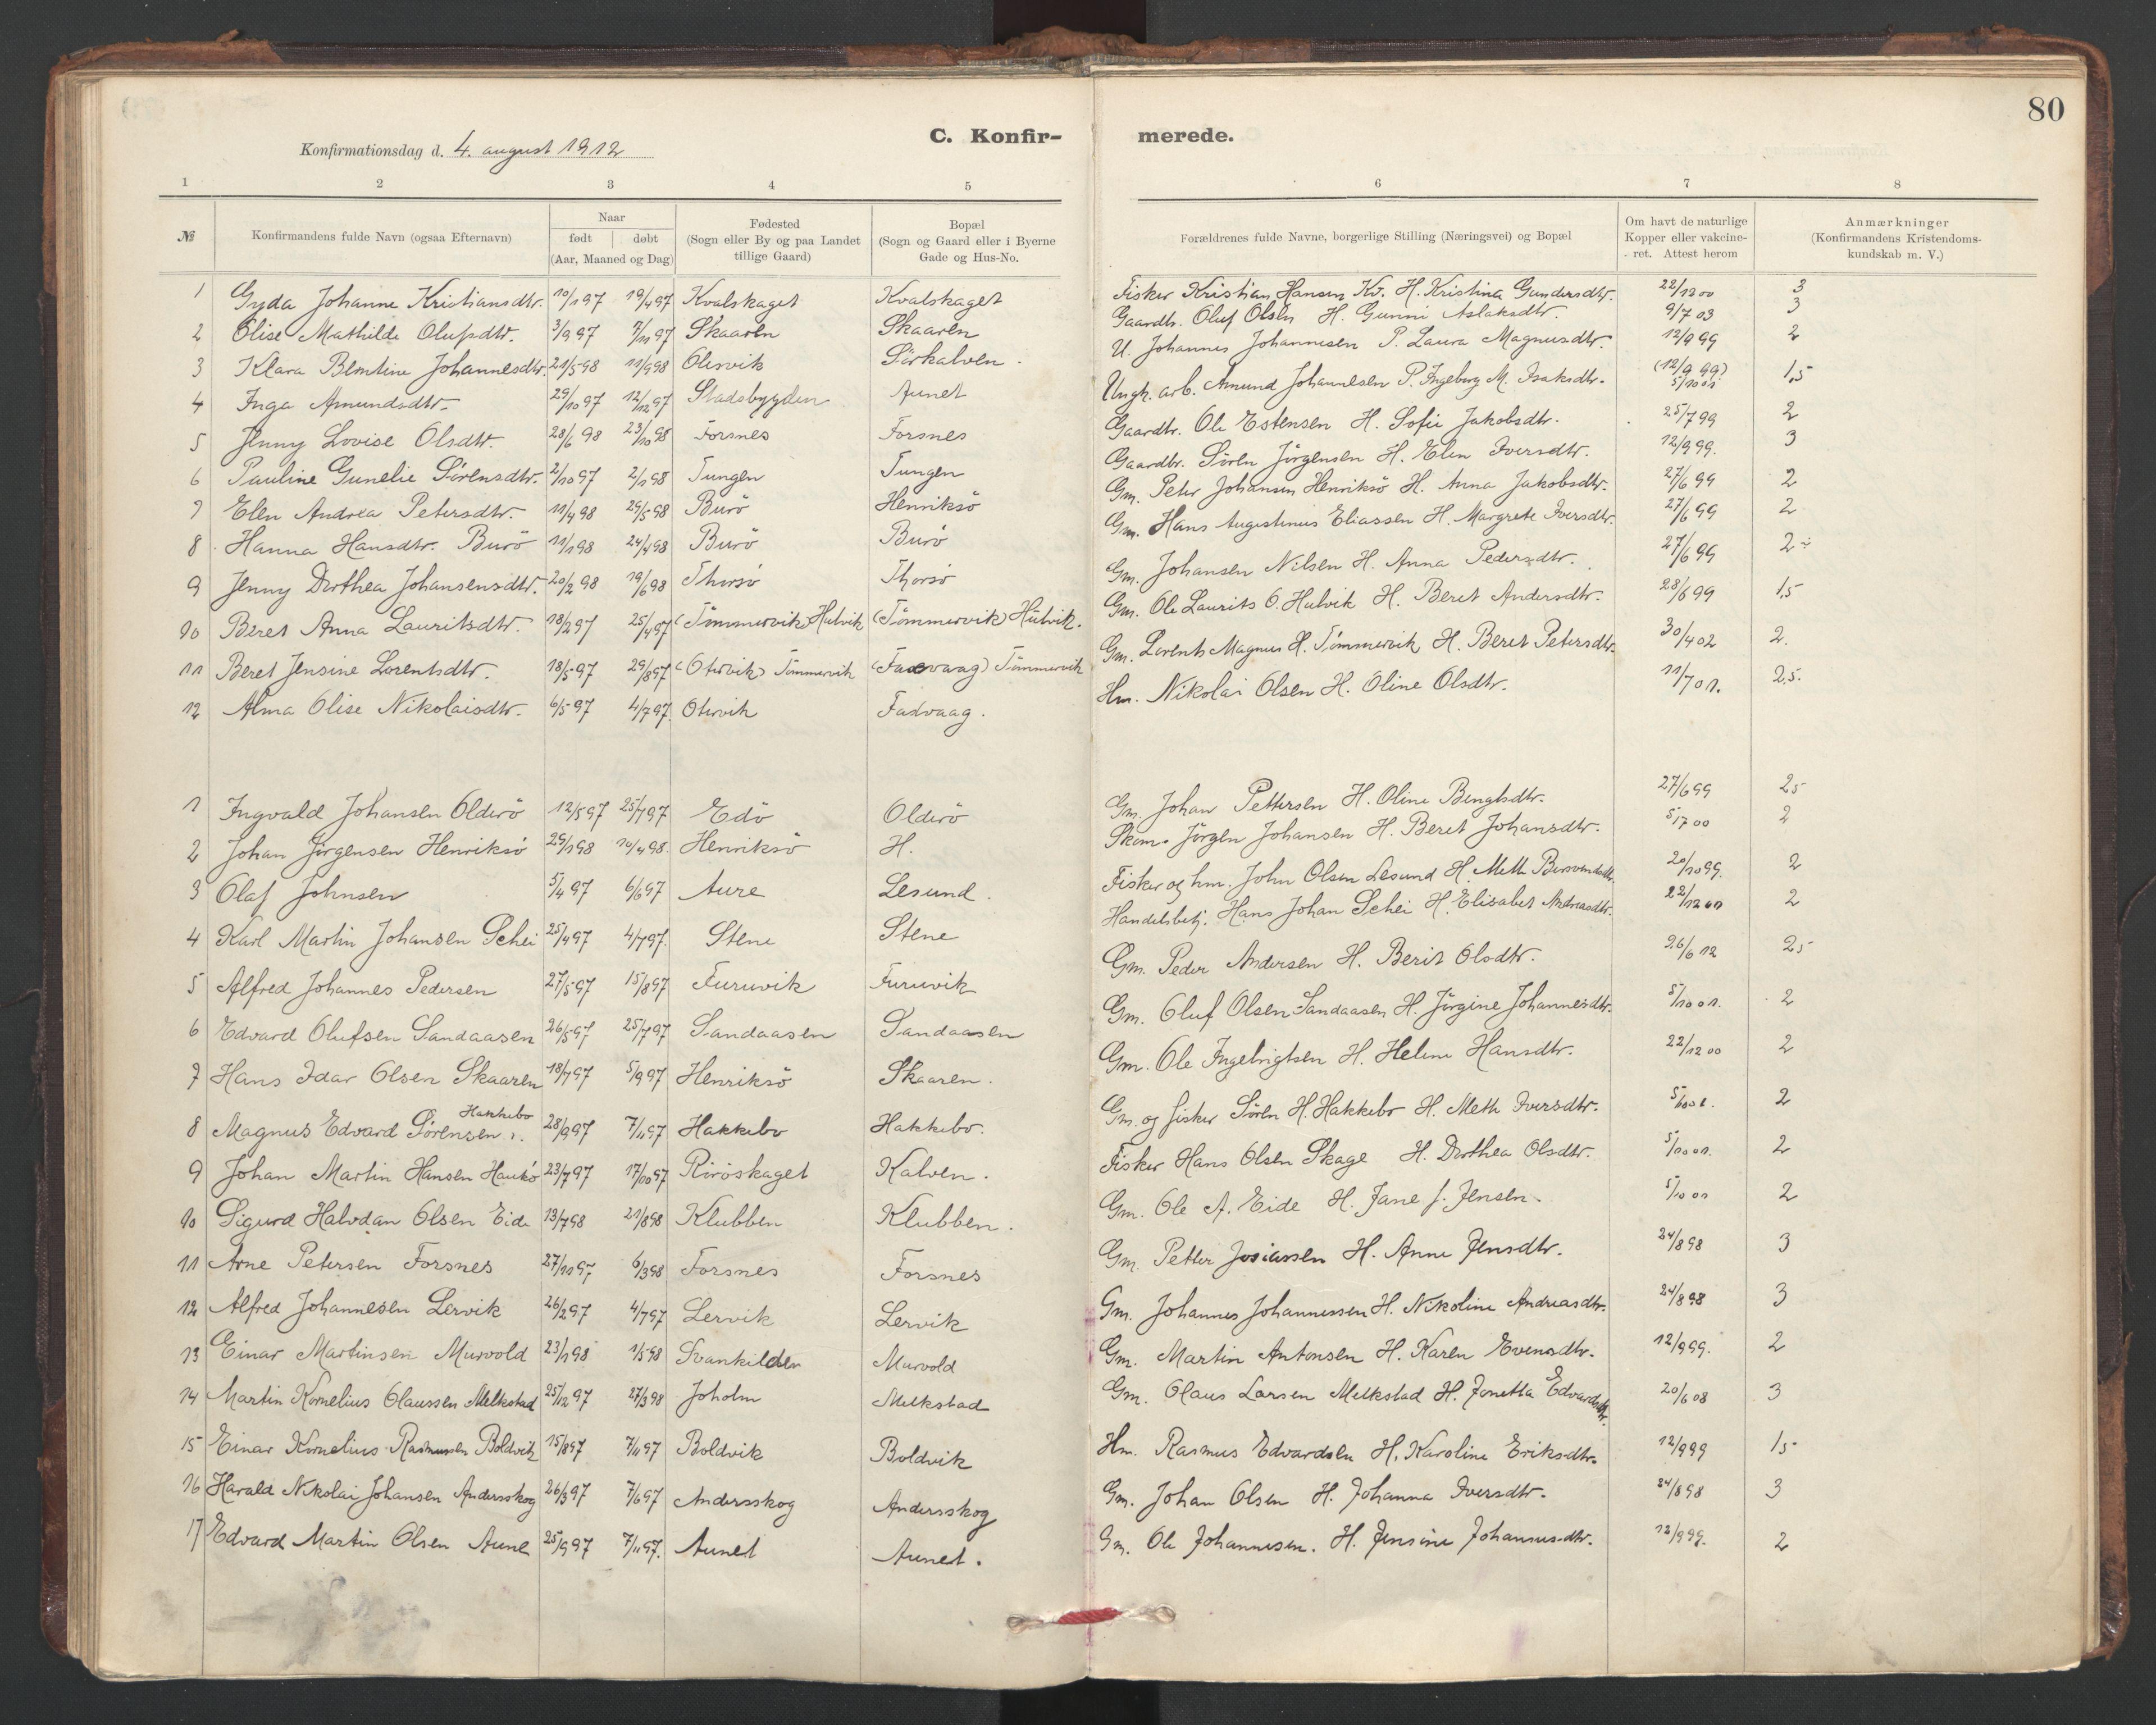 SAT, Ministerialprotokoller, klokkerbøker og fødselsregistre - Sør-Trøndelag, 635/L0552: Ministerialbok nr. 635A02, 1899-1919, s. 80